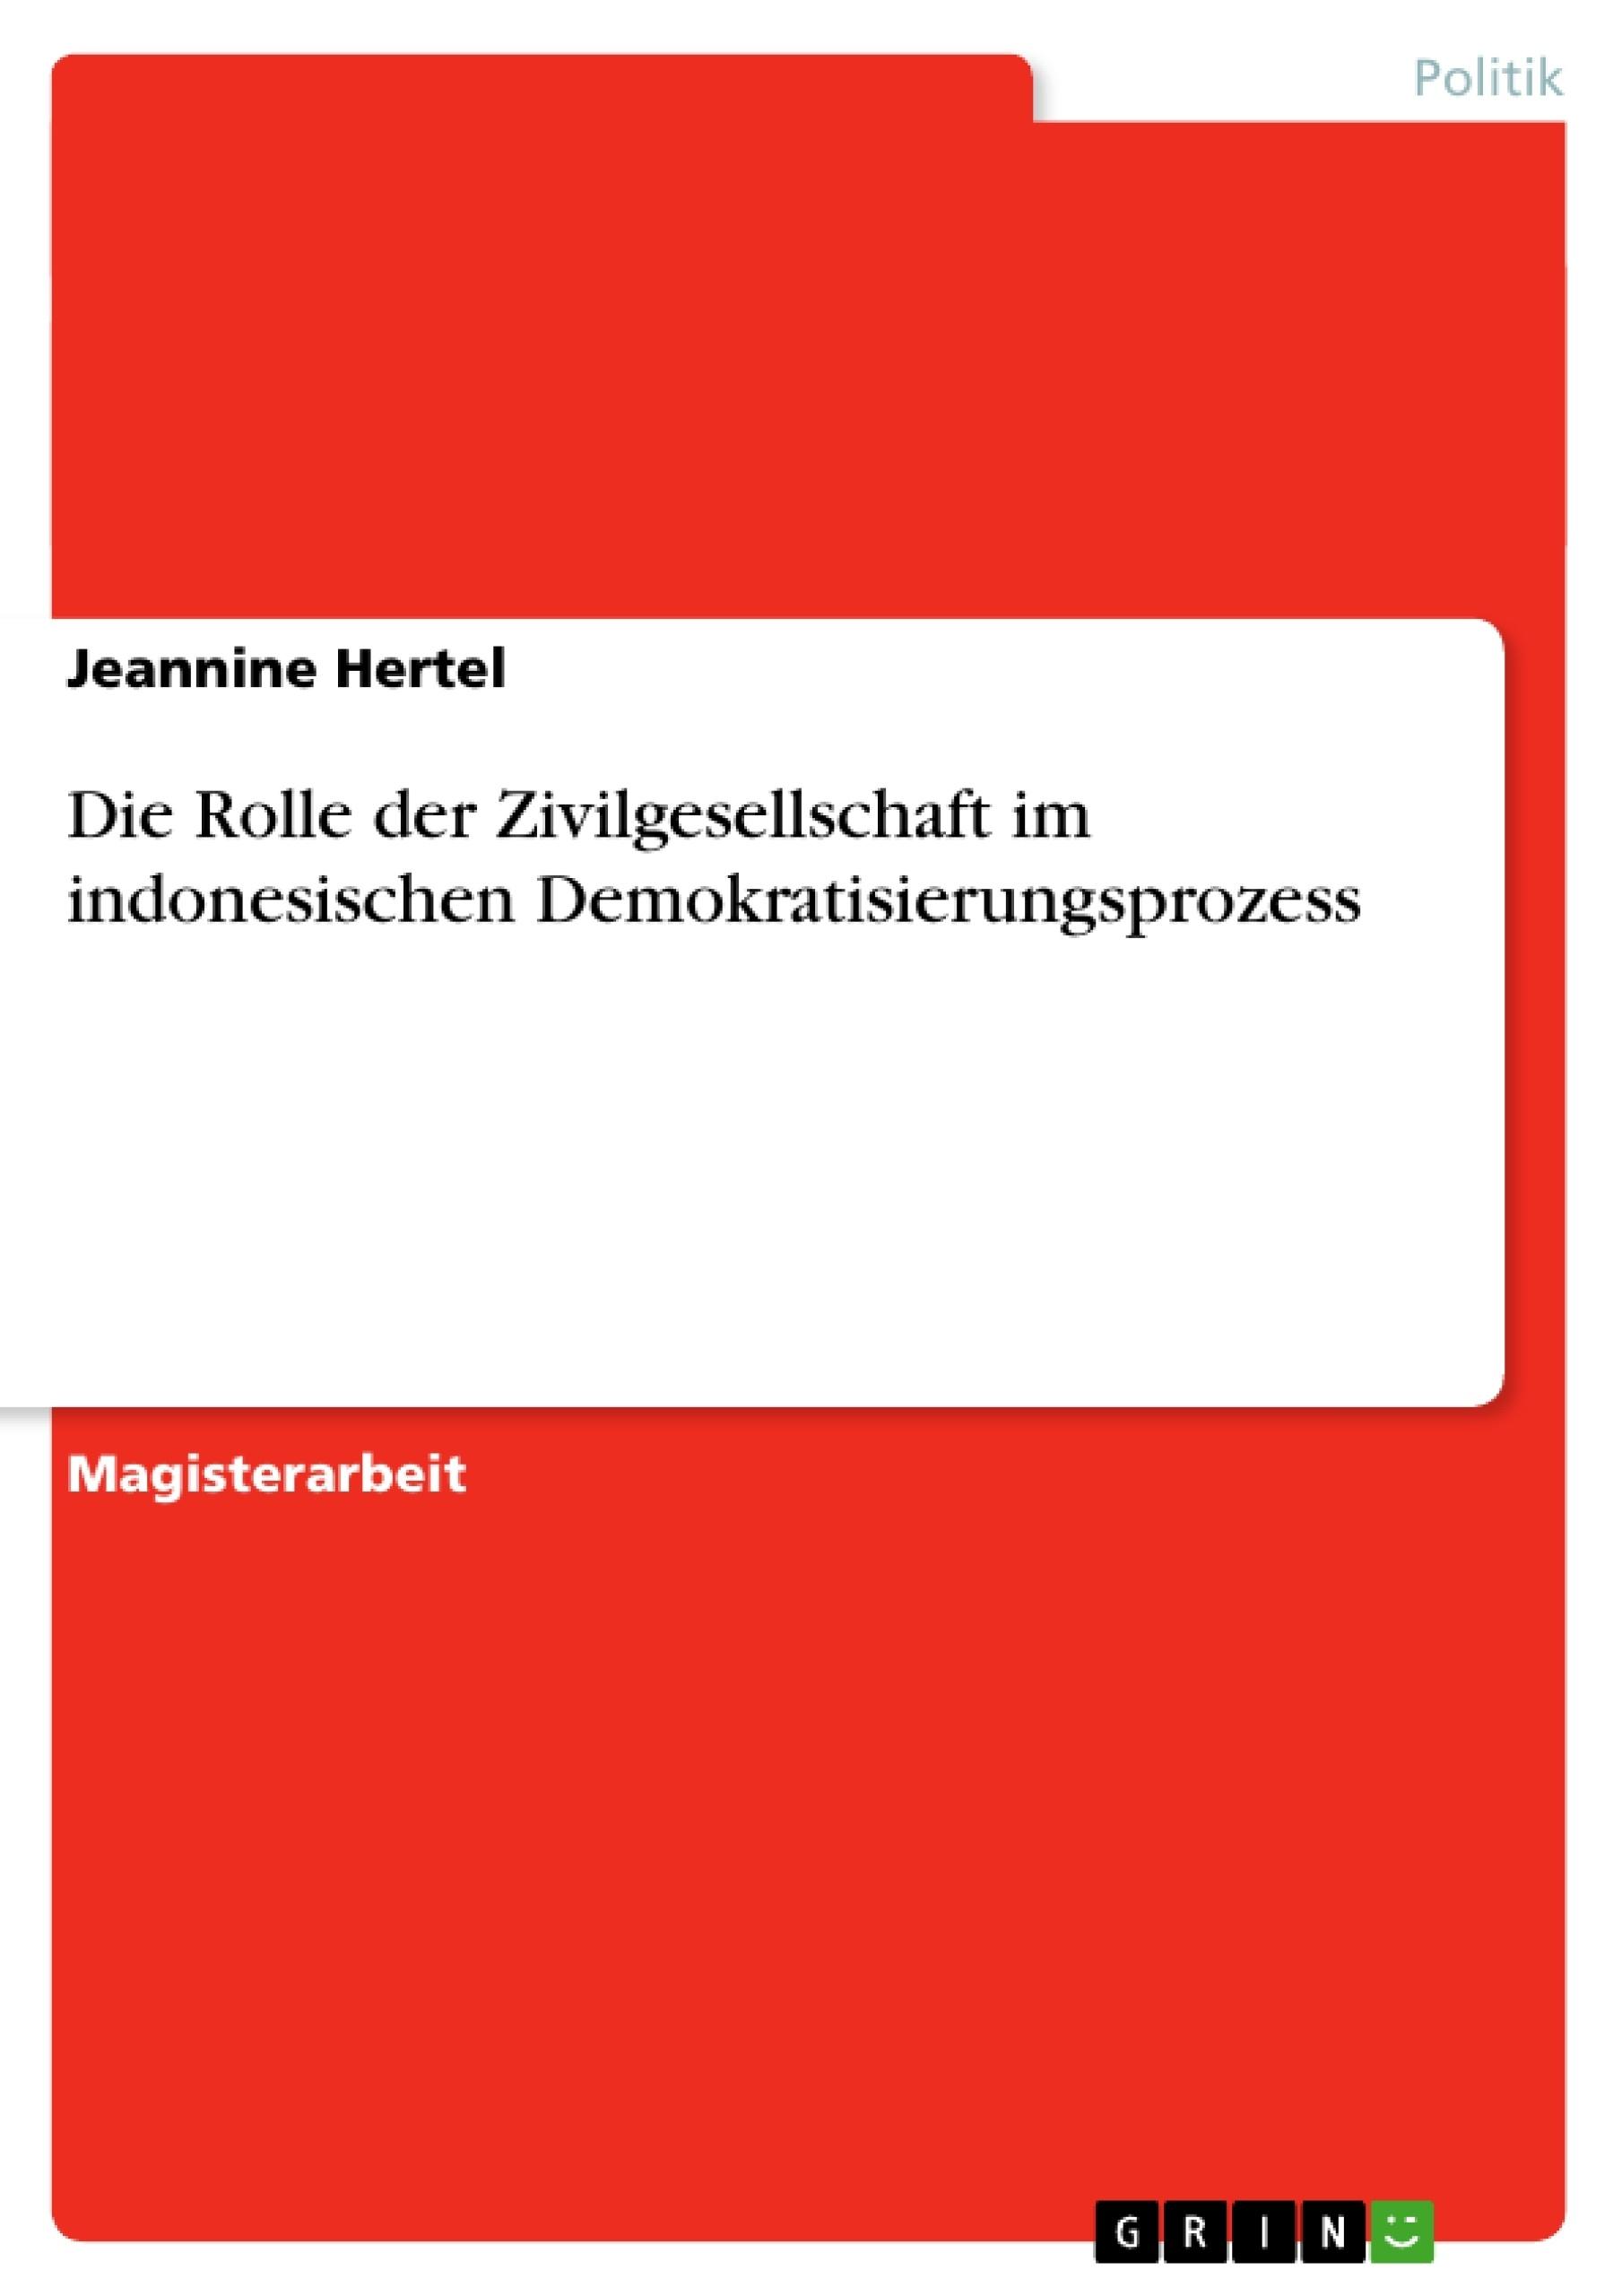 Titel: Die Rolle der Zivilgesellschaft im indonesischen Demokratisierungsprozess